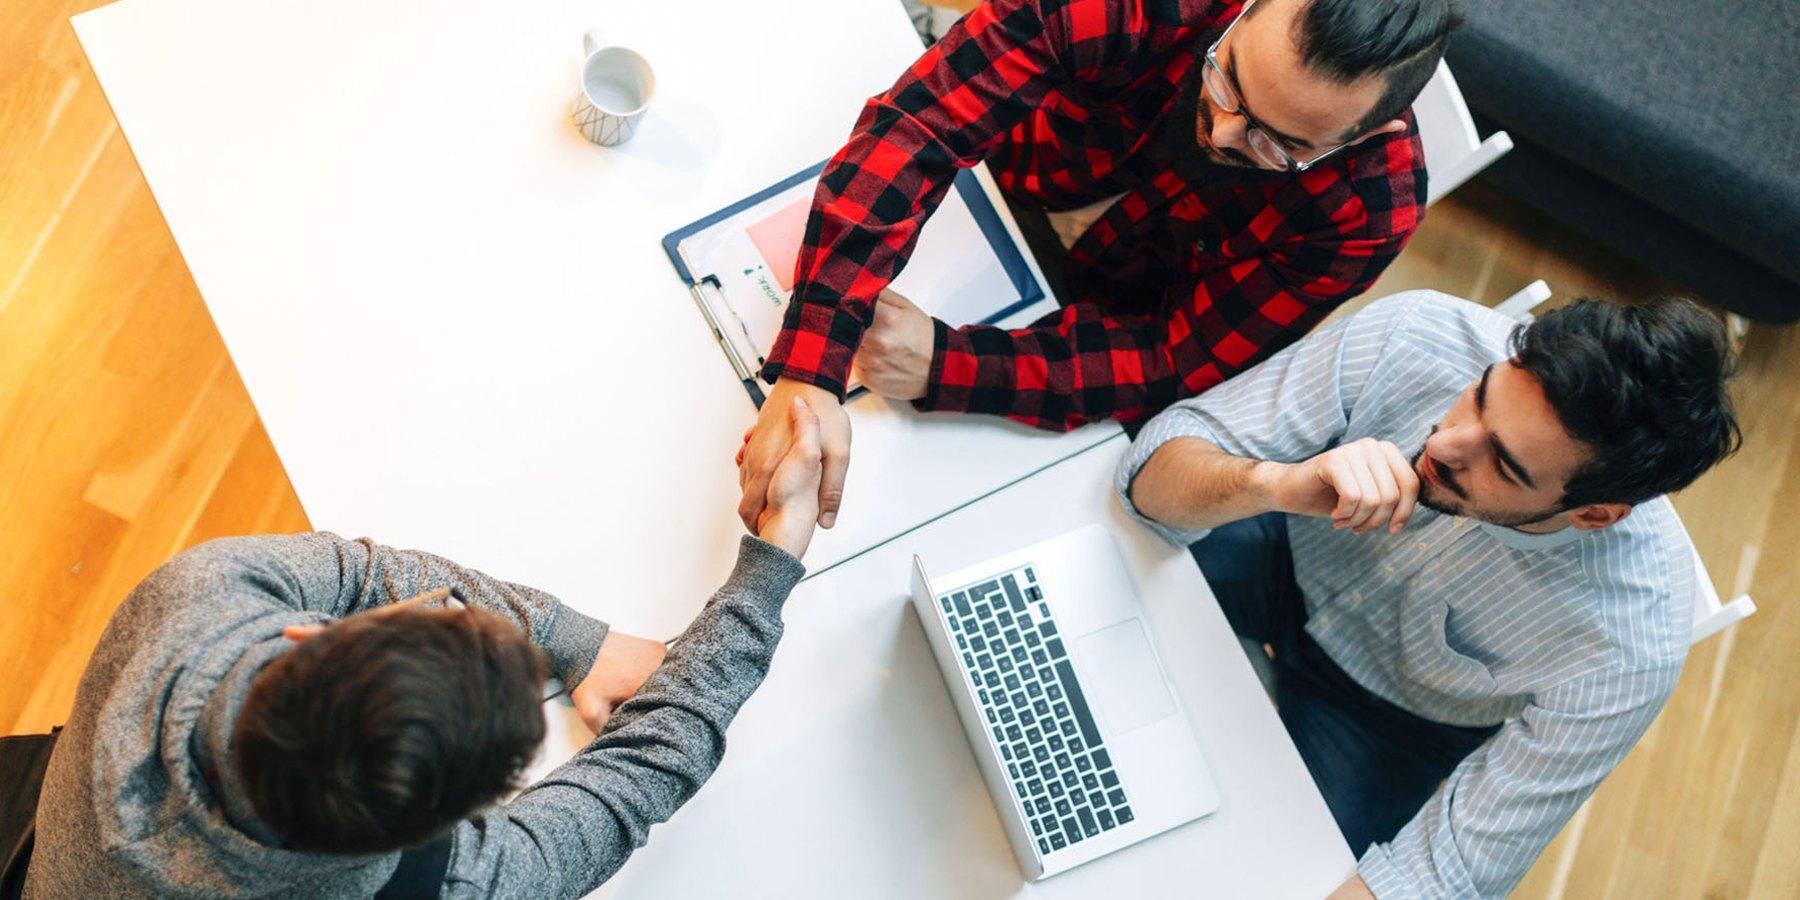 La búsqueda del primer empleo en el mundo digital